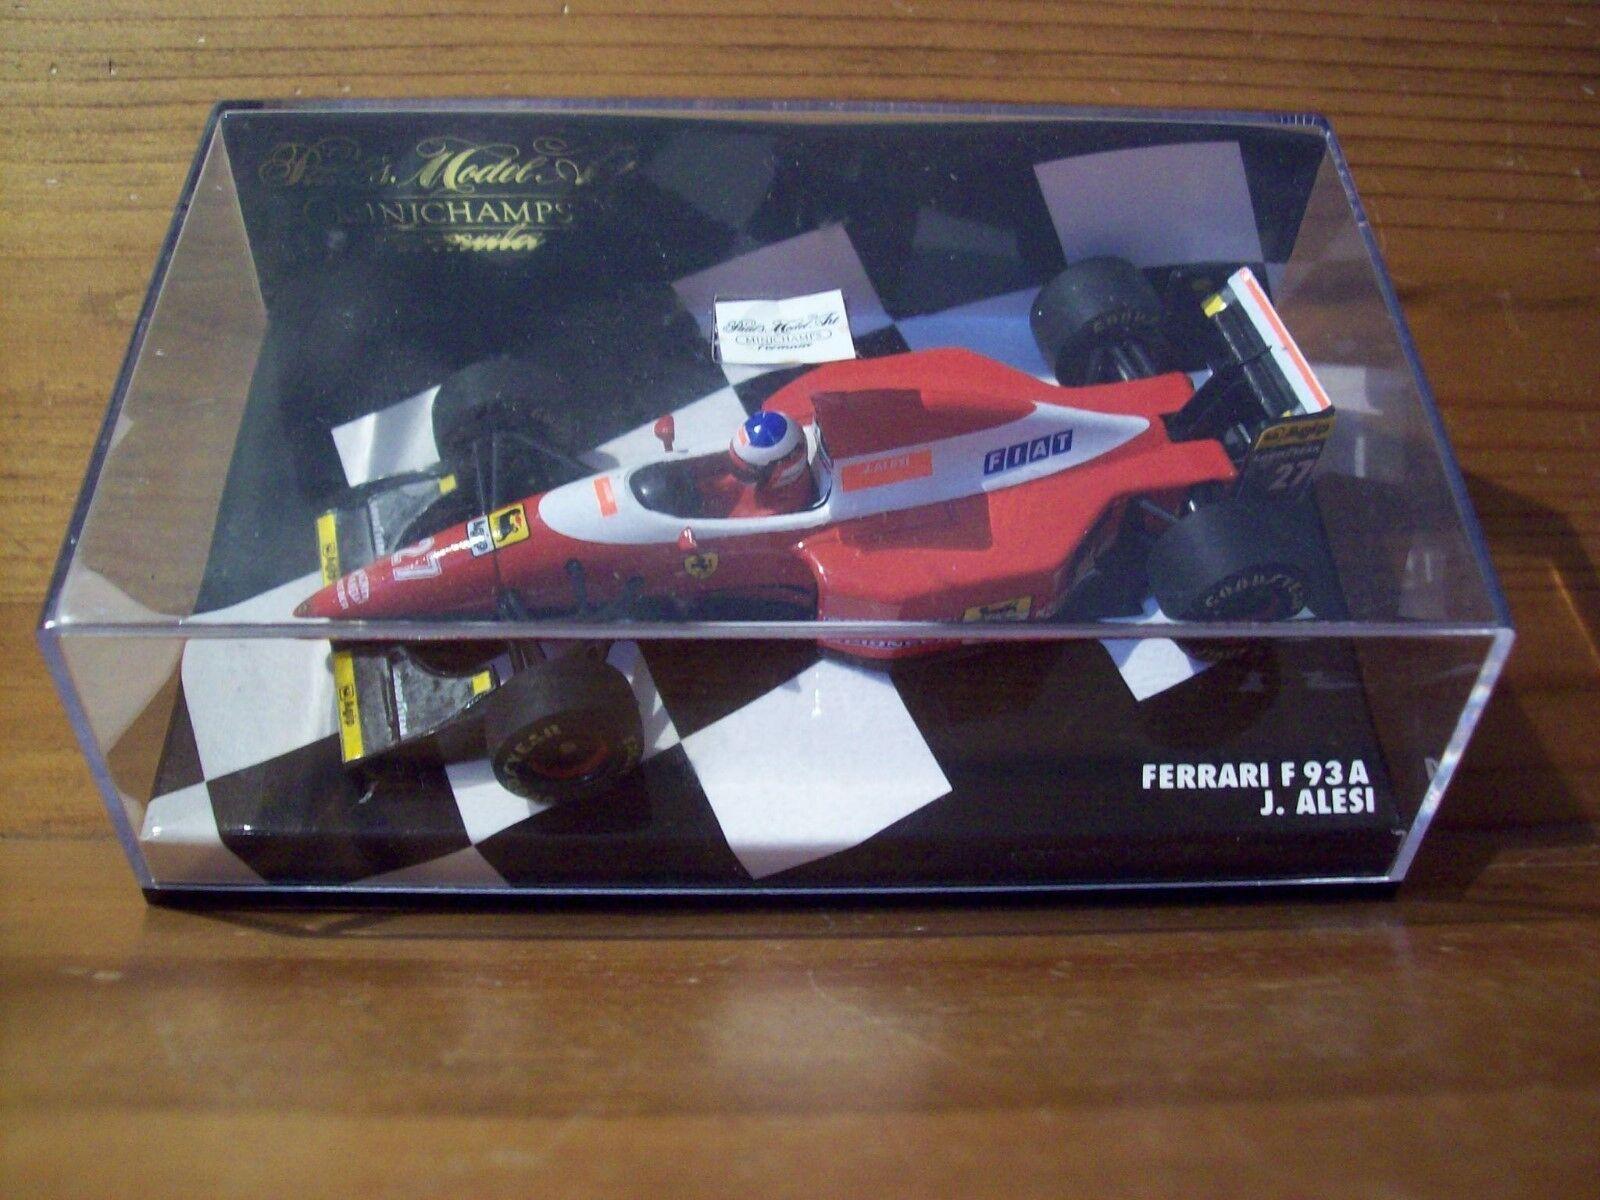 FERRARI F93A 1993 Jean capitate